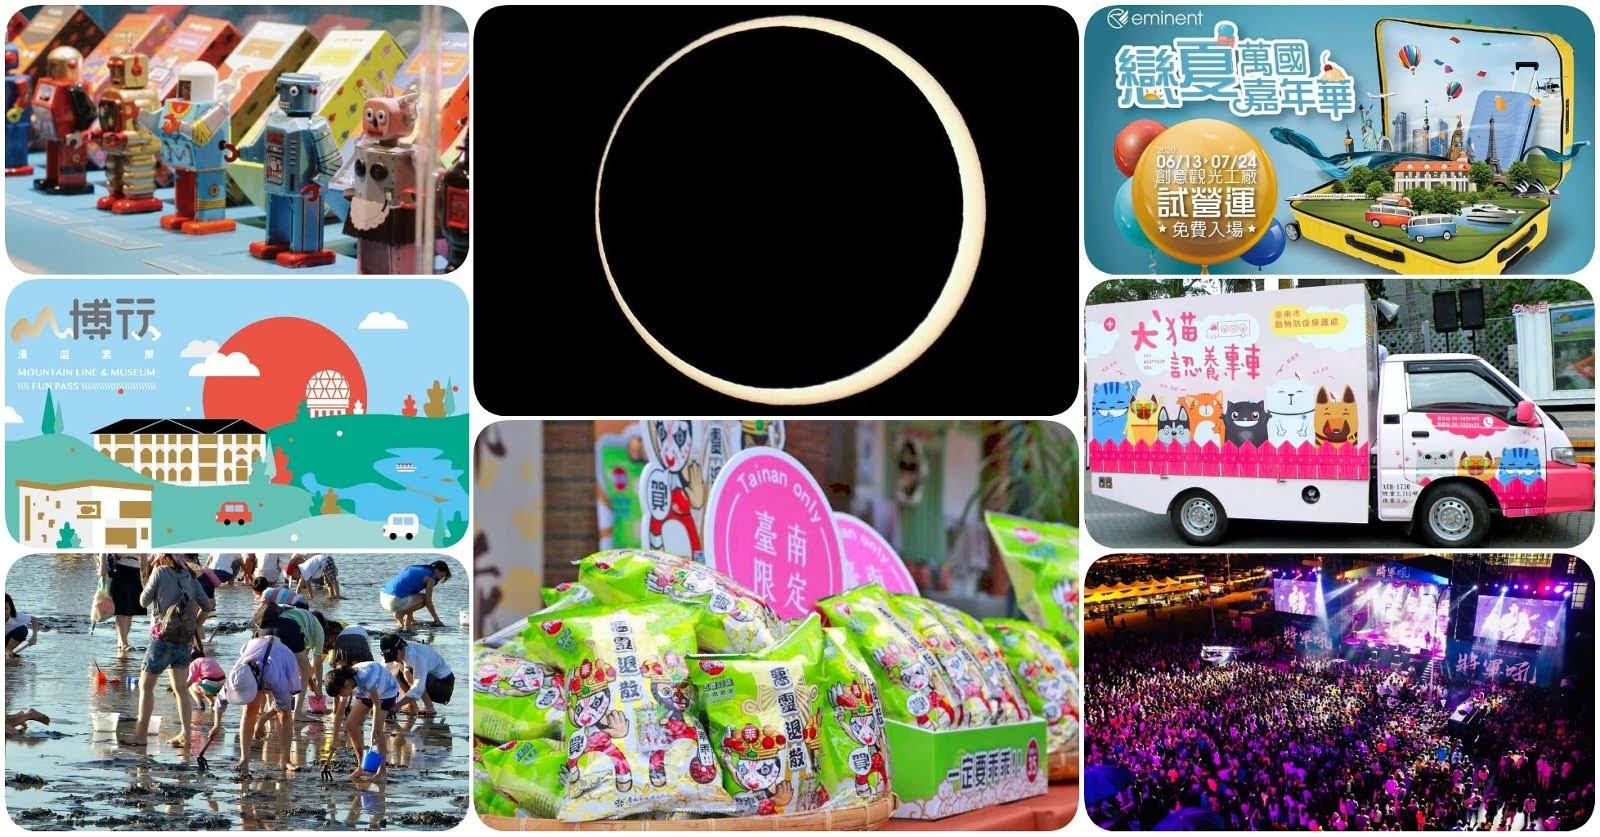 [活動] 2020 6/19-6/21 台南週末活動整理|本週資訊數:76